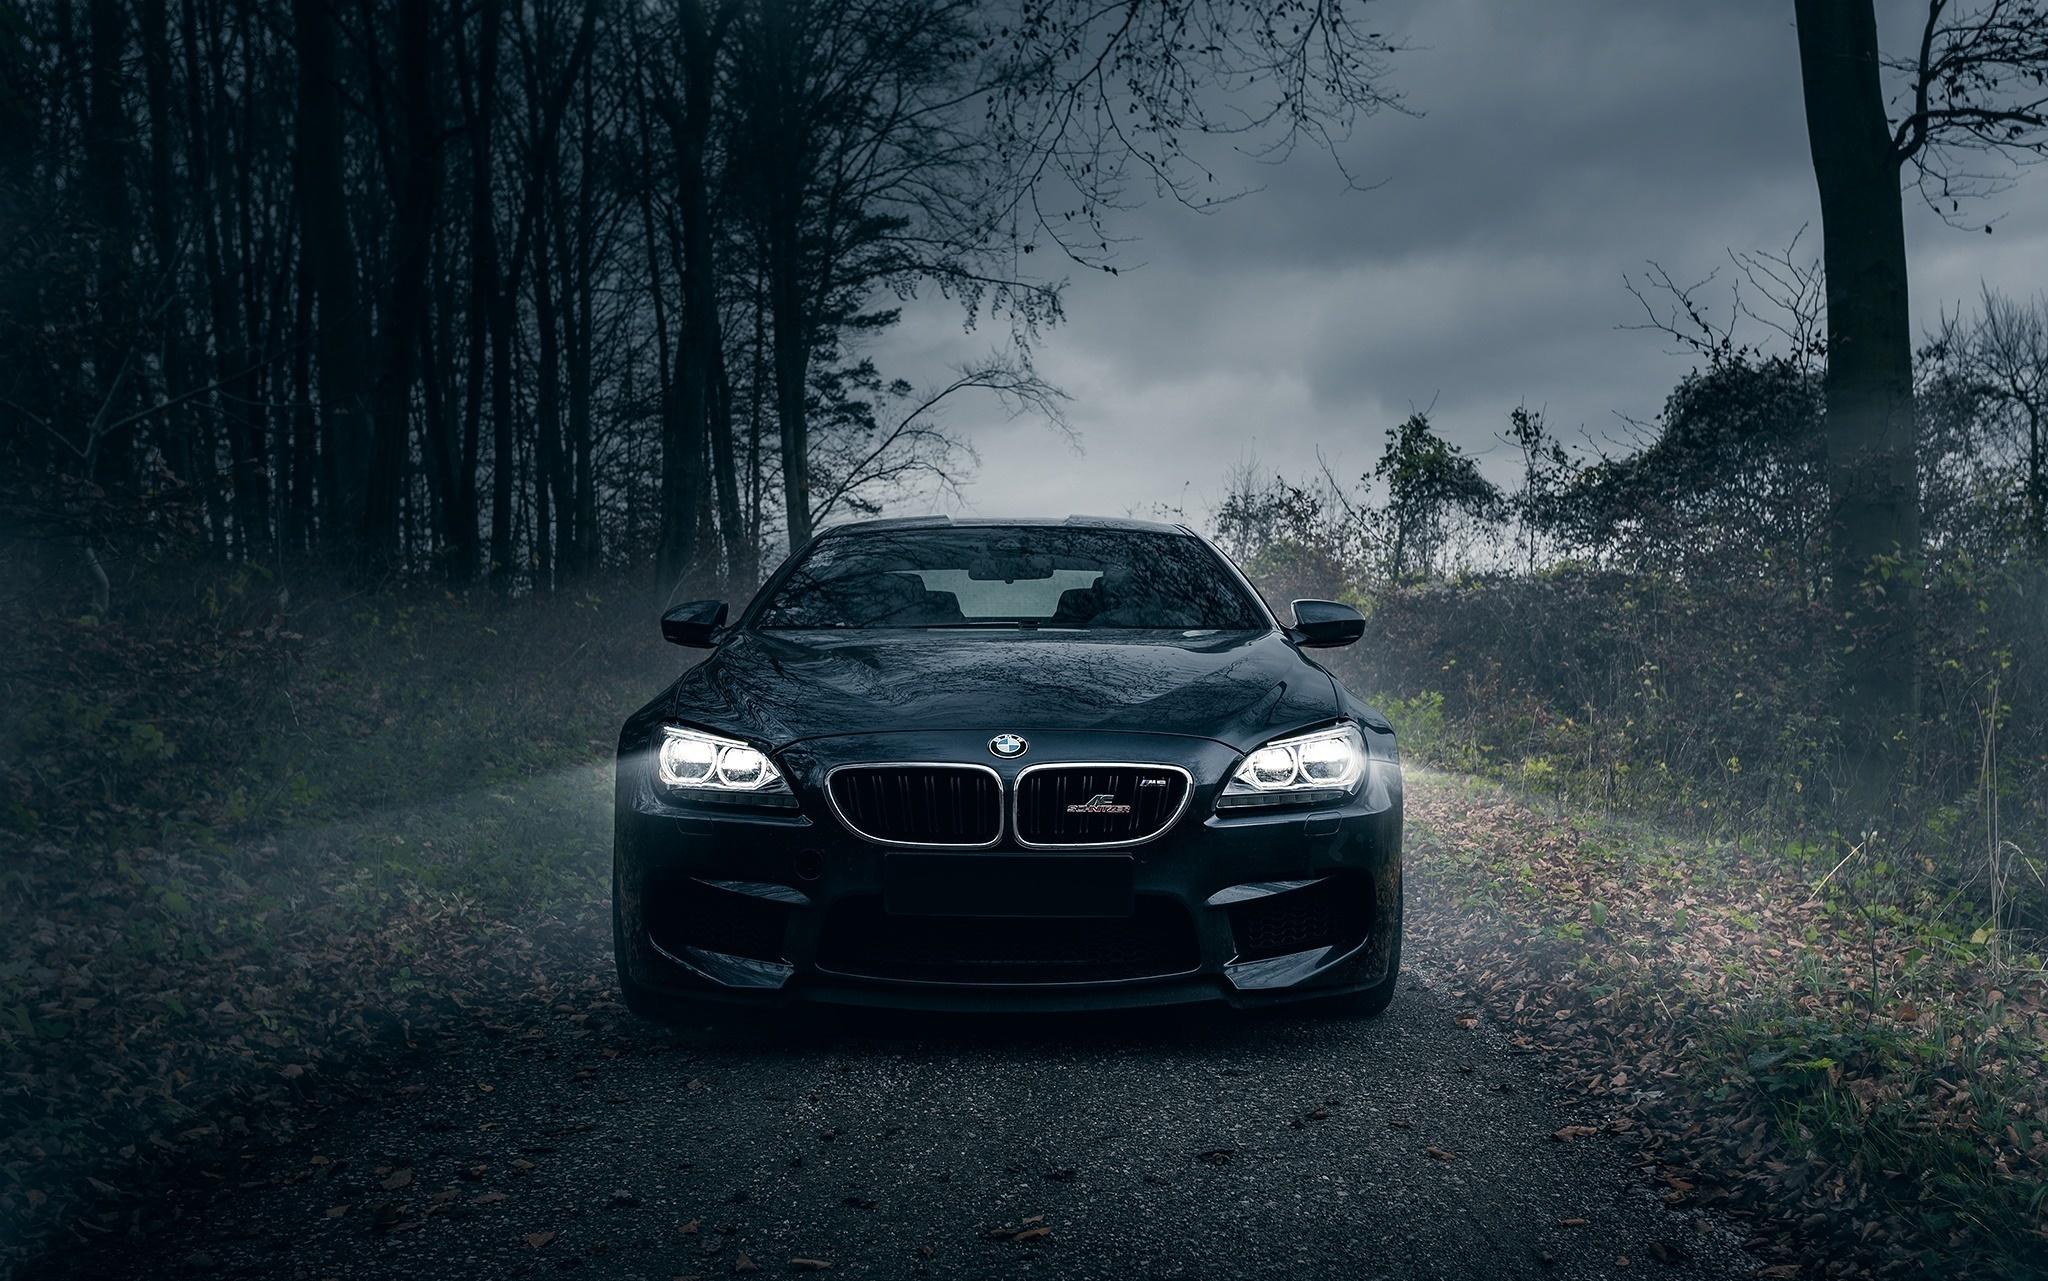 148291 скачать обои Тачки (Cars), Передний Бампер, Черный, Туман, Лес, Bmw M6 - заставки и картинки бесплатно